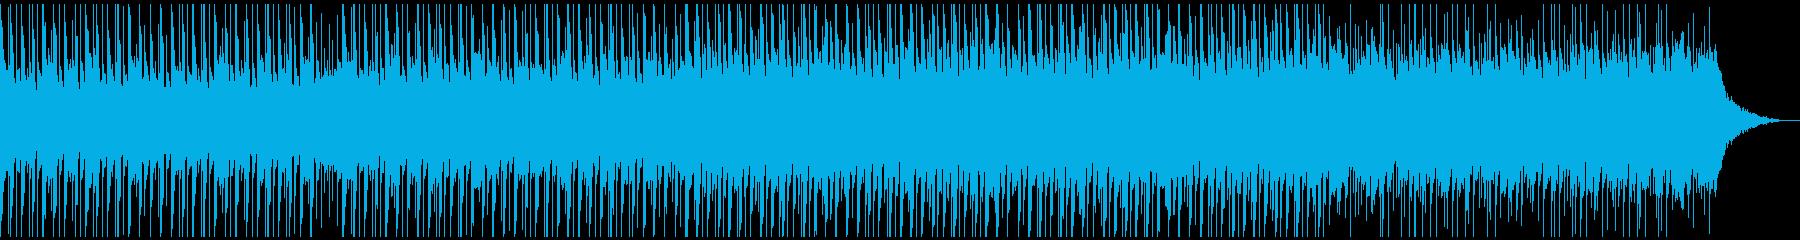 高揚感(中)の再生済みの波形